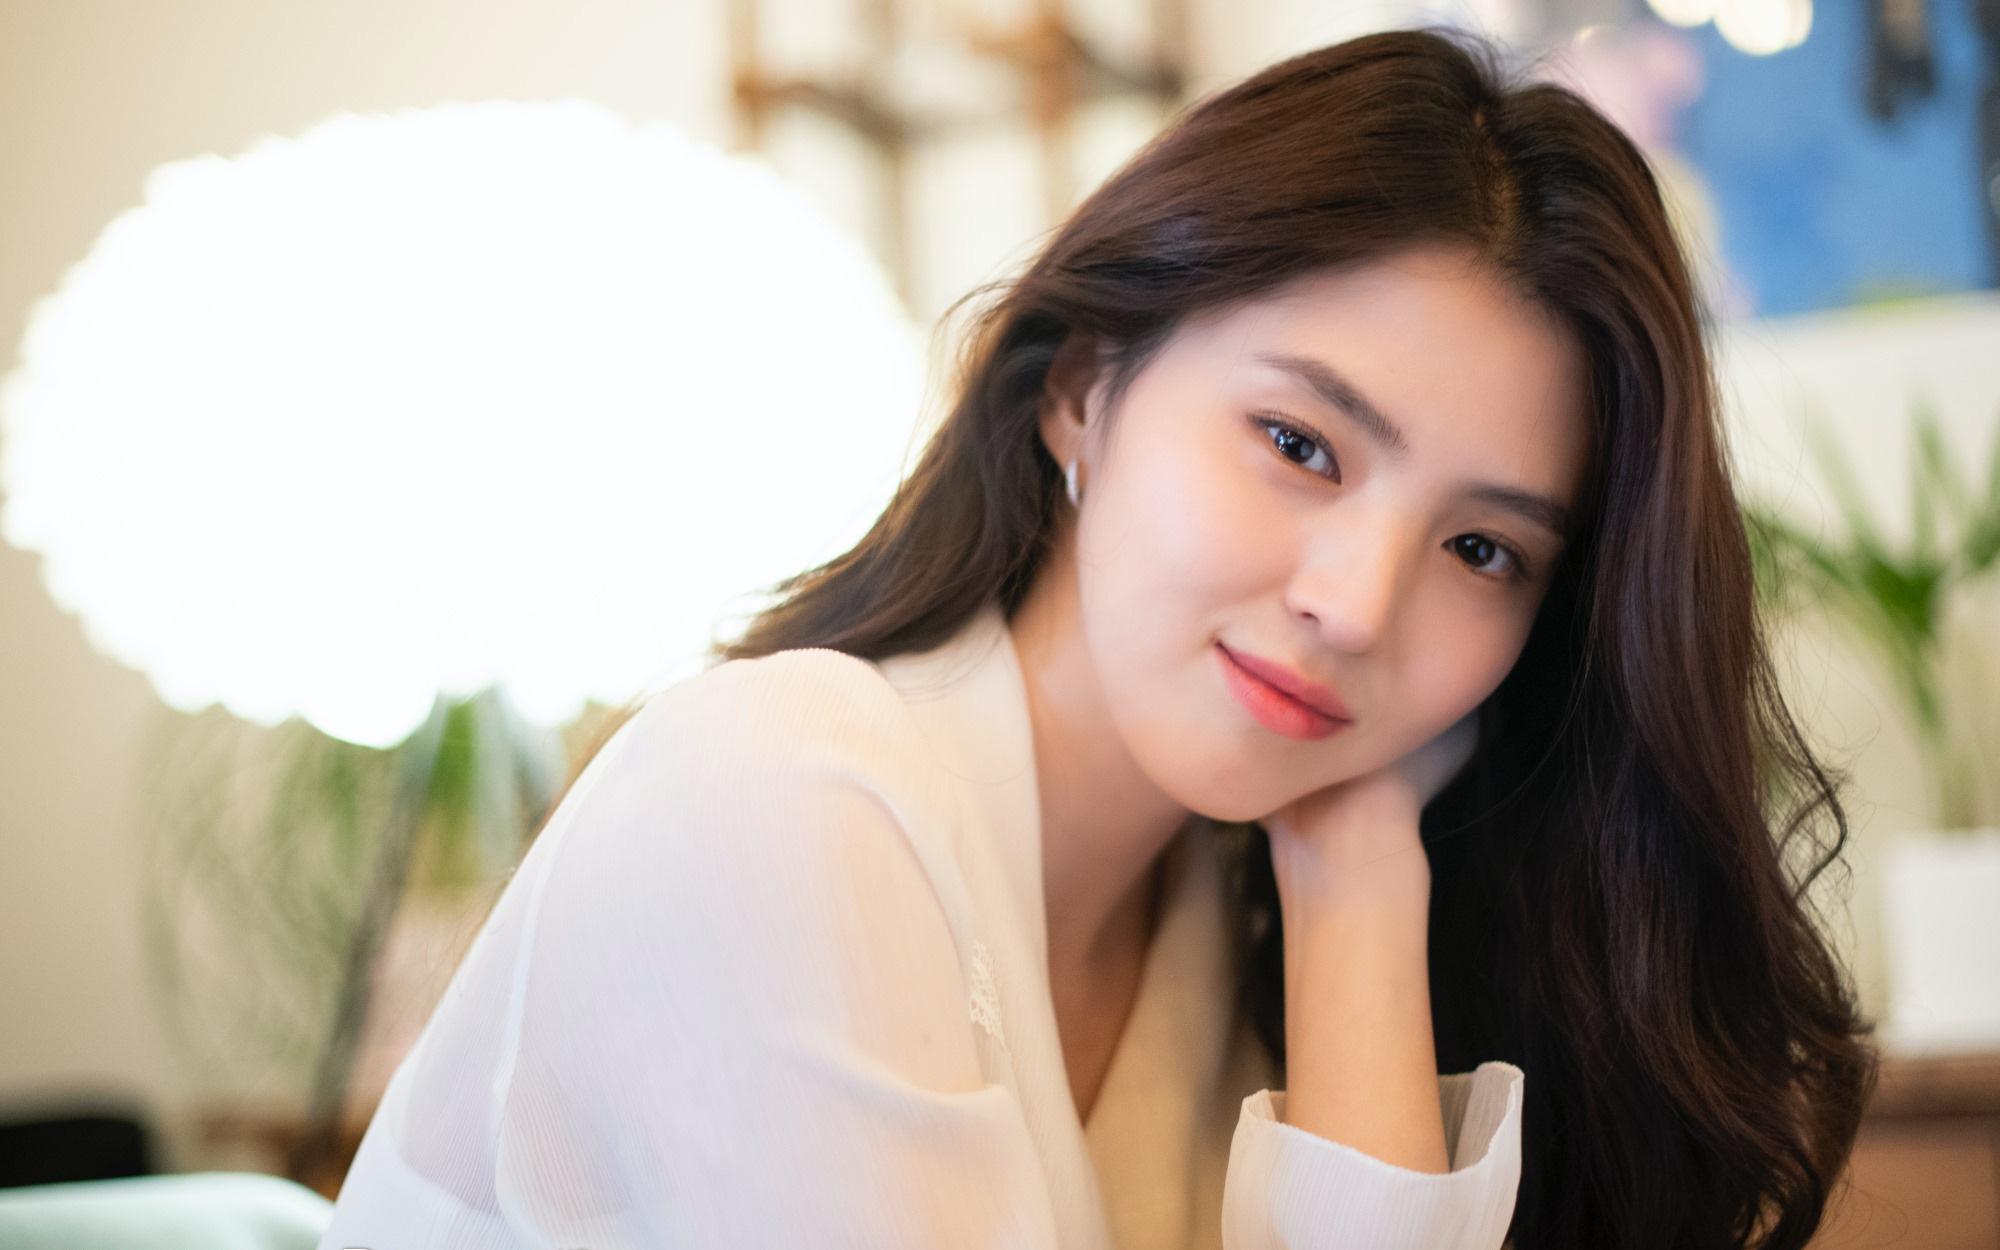 """NÓNG: Mẹ """"tiểu tam hot nhất Thế Giới Hôn Nhân"""" Han So Hee bị tố lừa đảo, số tiền lên tới hơn nửa tỷ"""